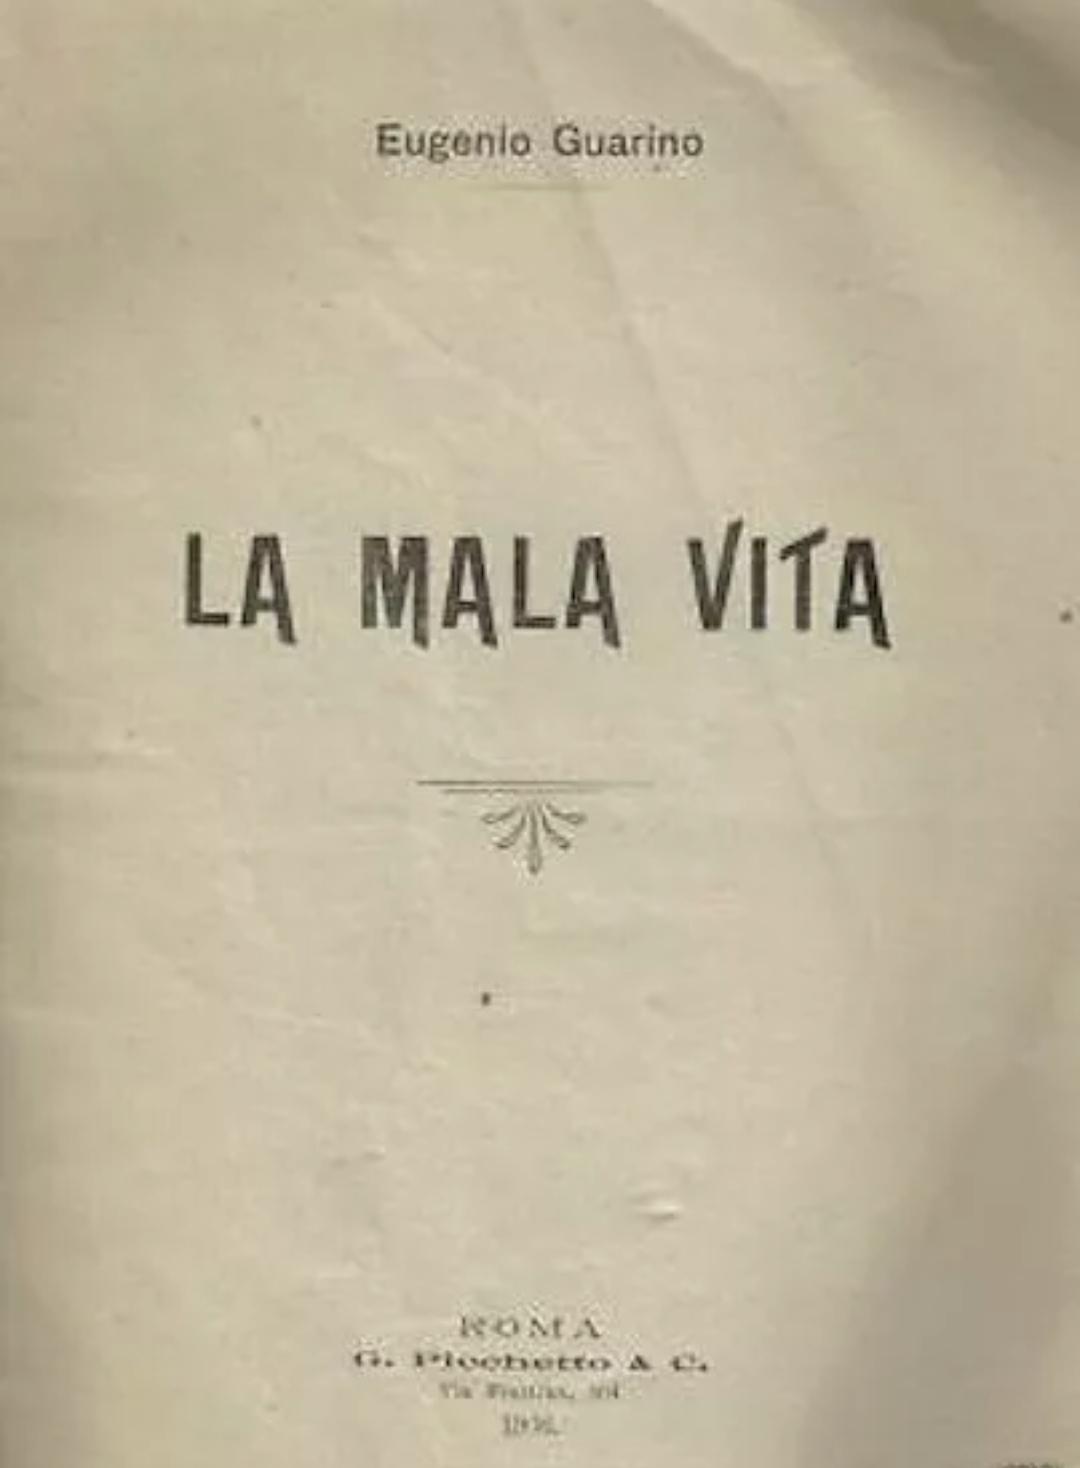 NAPOLI MALAVITA CAMORRA LOTTO MONARCHIA ELEZIONI CUOCOLO ONORATA SOCIETA' 1906